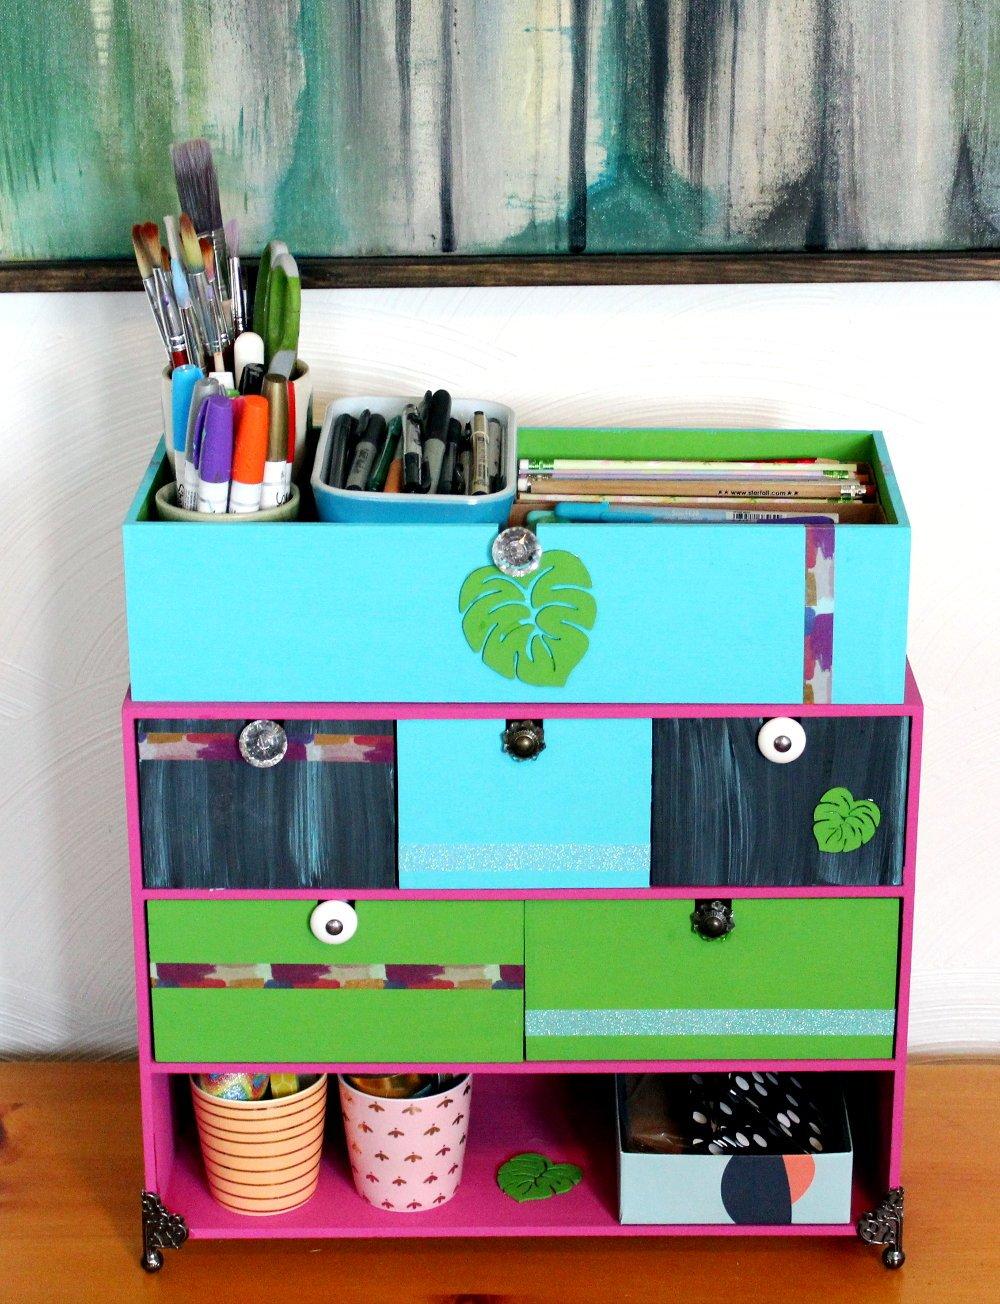 DIY Crafts Desk Organizer & Ikea Hack - Soap Deli News